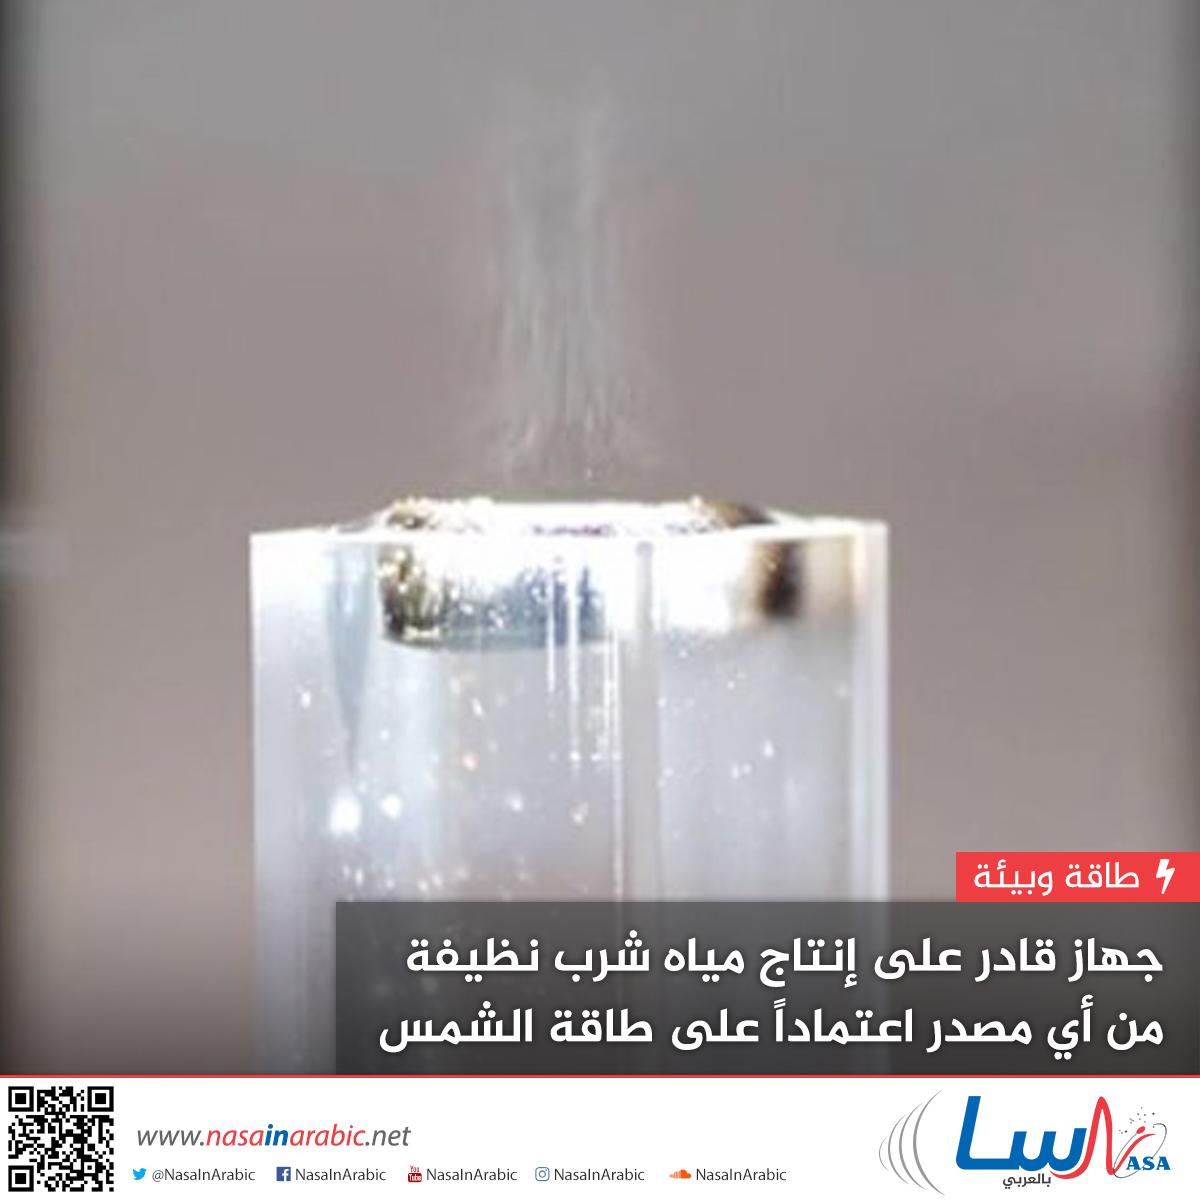 جهاز قادر على إنتاج مياه شرب نظيفة من أي مصدر اعتمادًا على طاقة الشمس